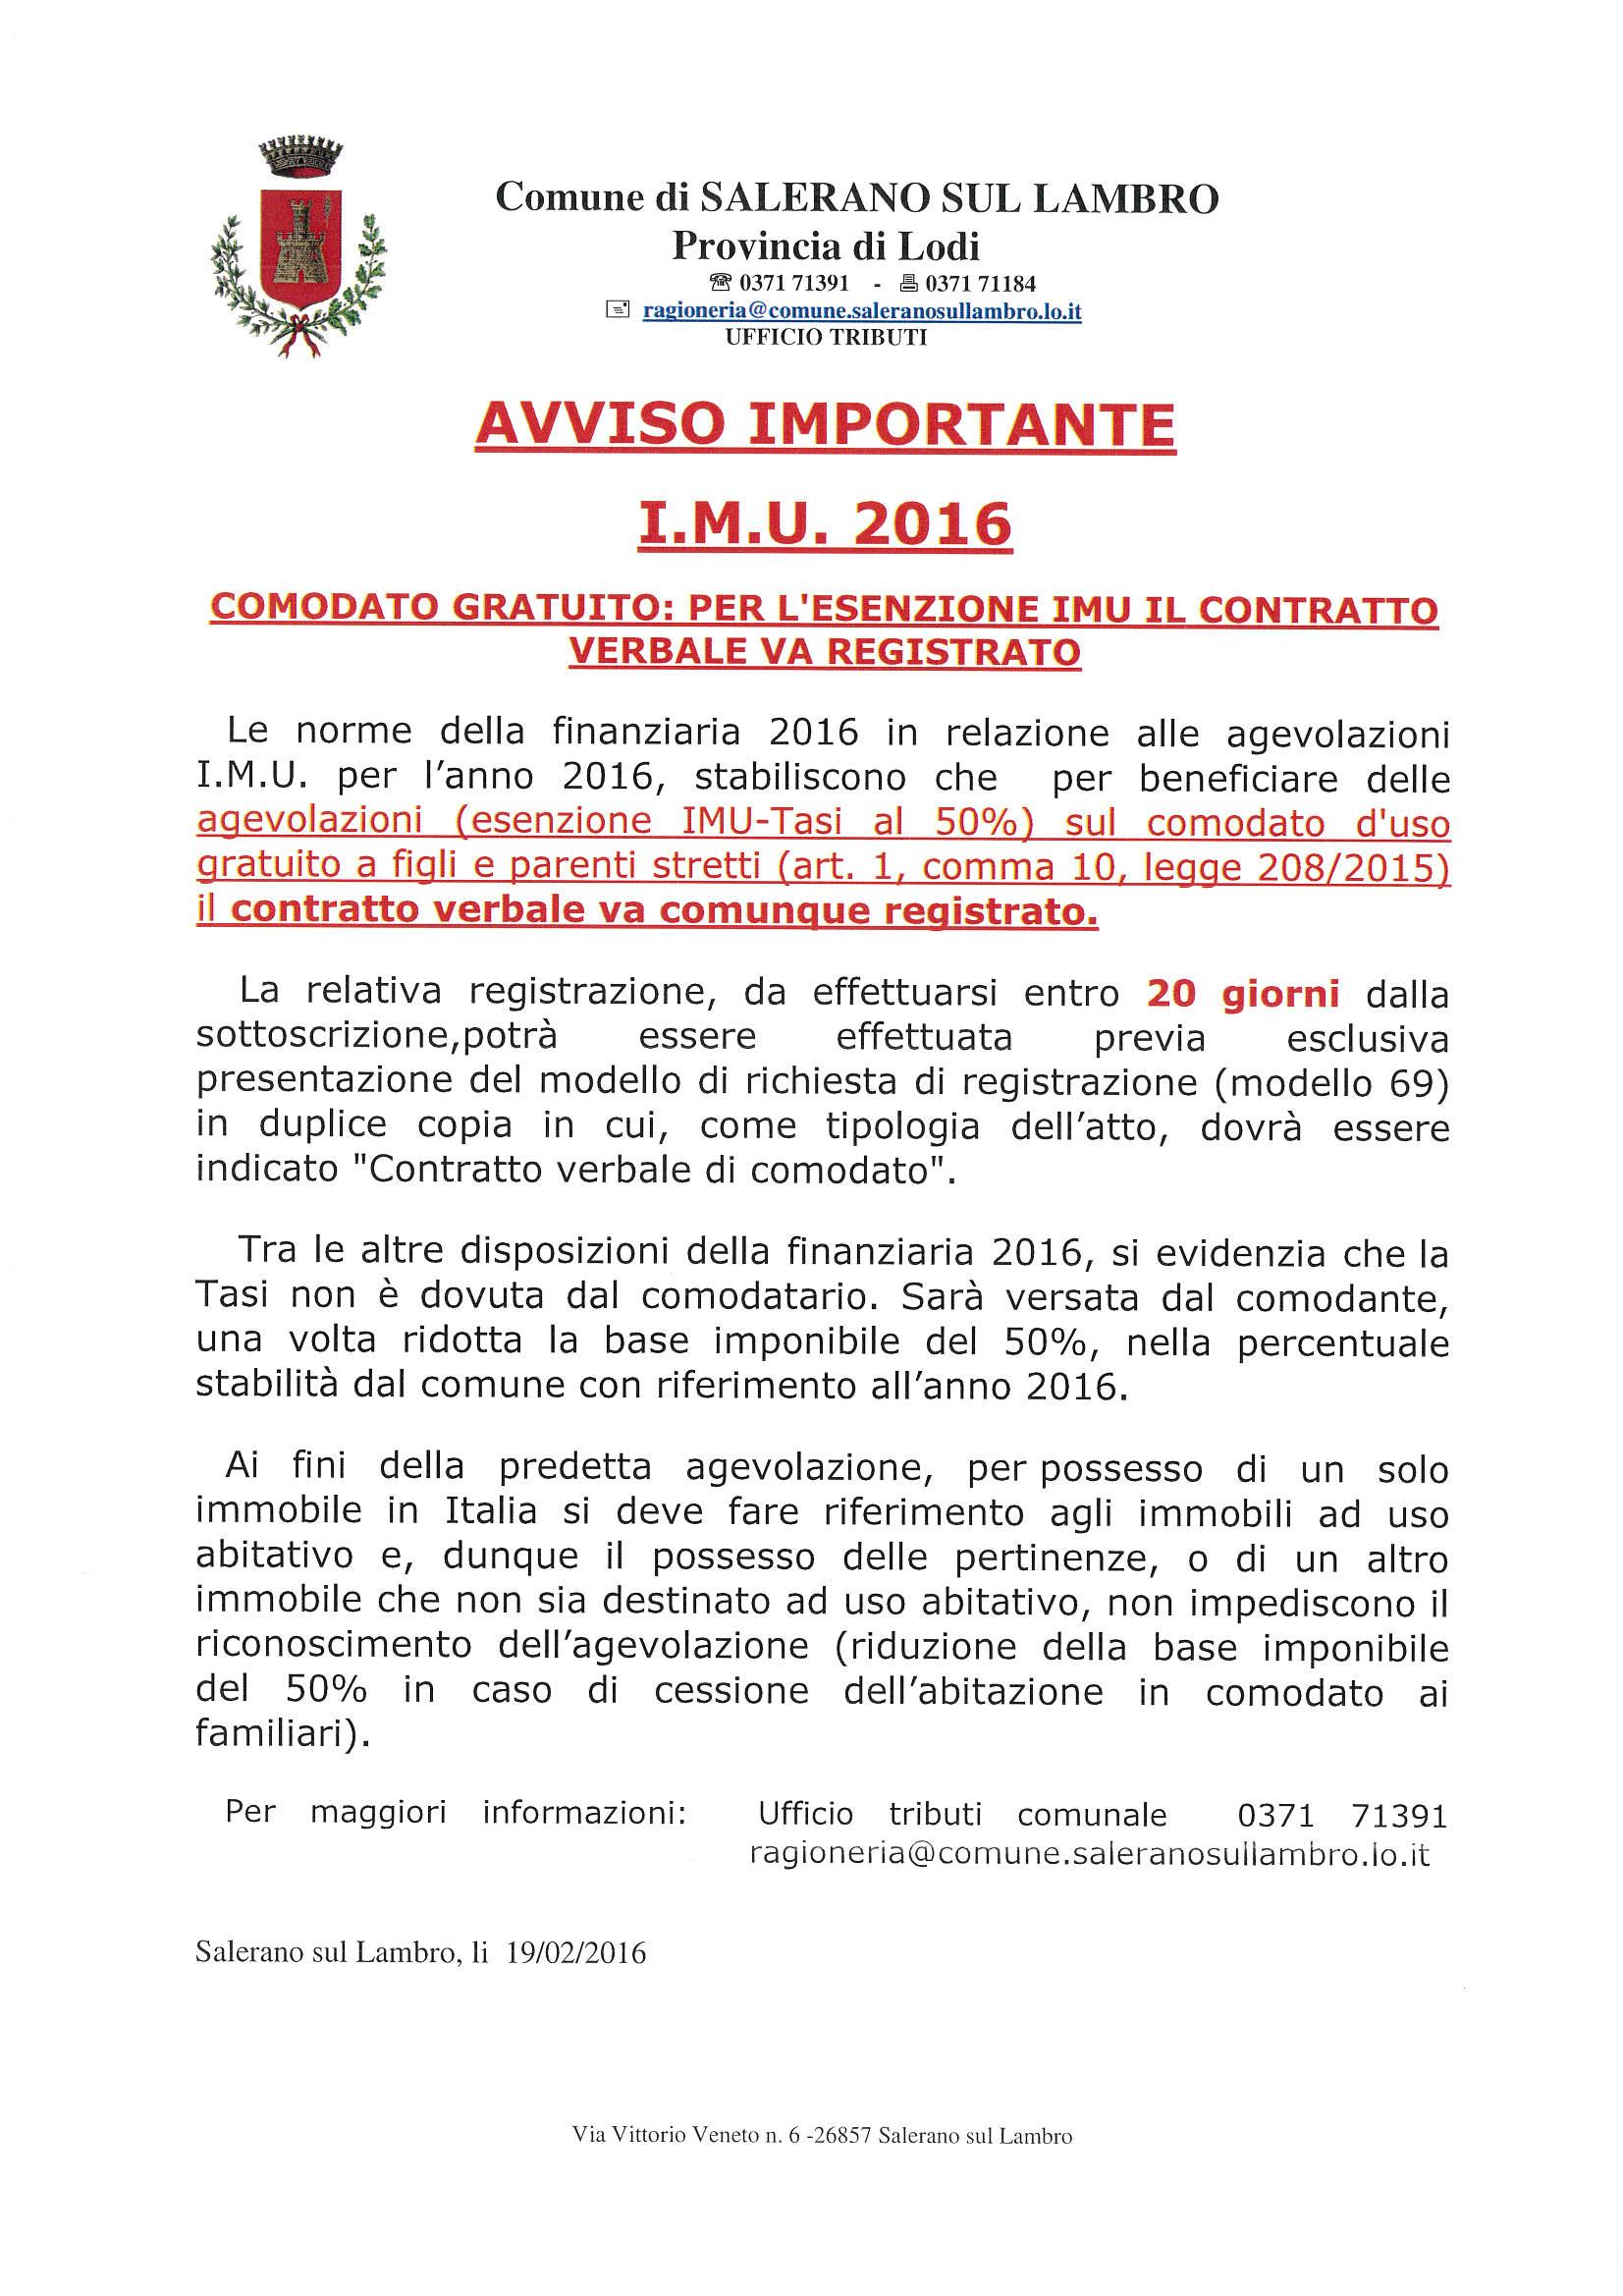 Comodato gratuito norme per beneficiare delle agevolazioni for Comodato gratuito imu